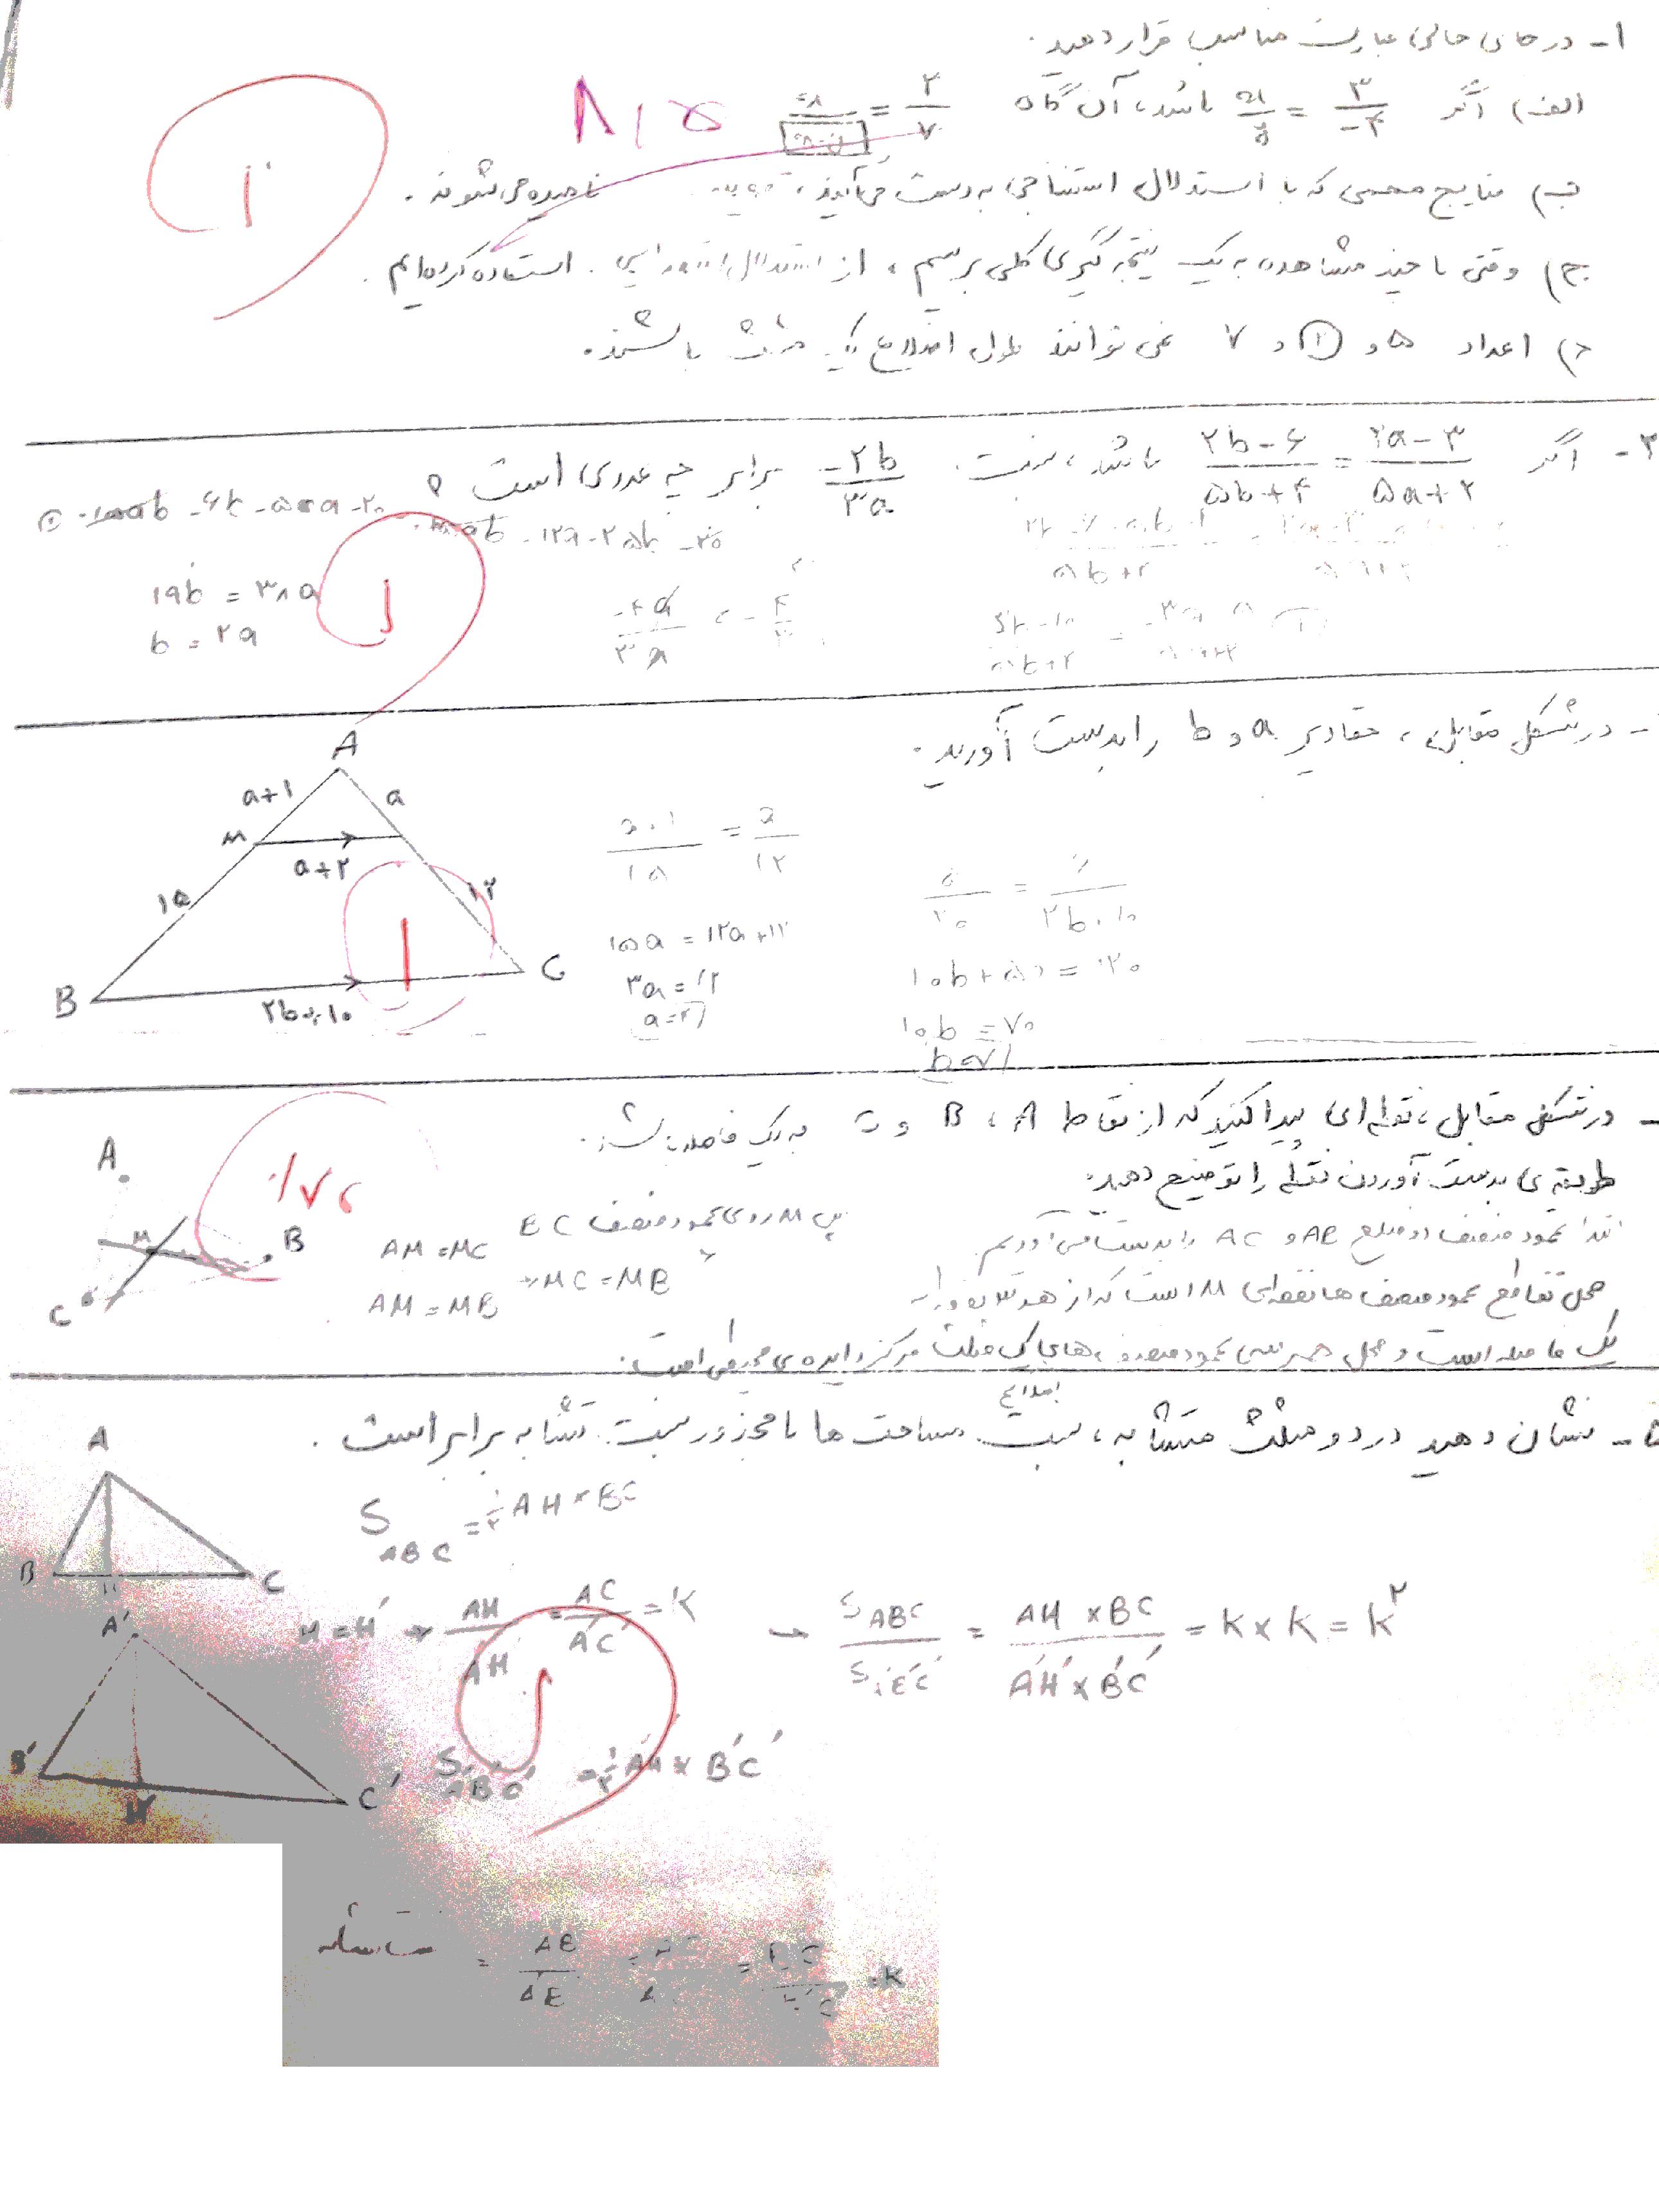 امتحان مستمر فصل 1 و 2 هندسه دهم رشته ریاضی